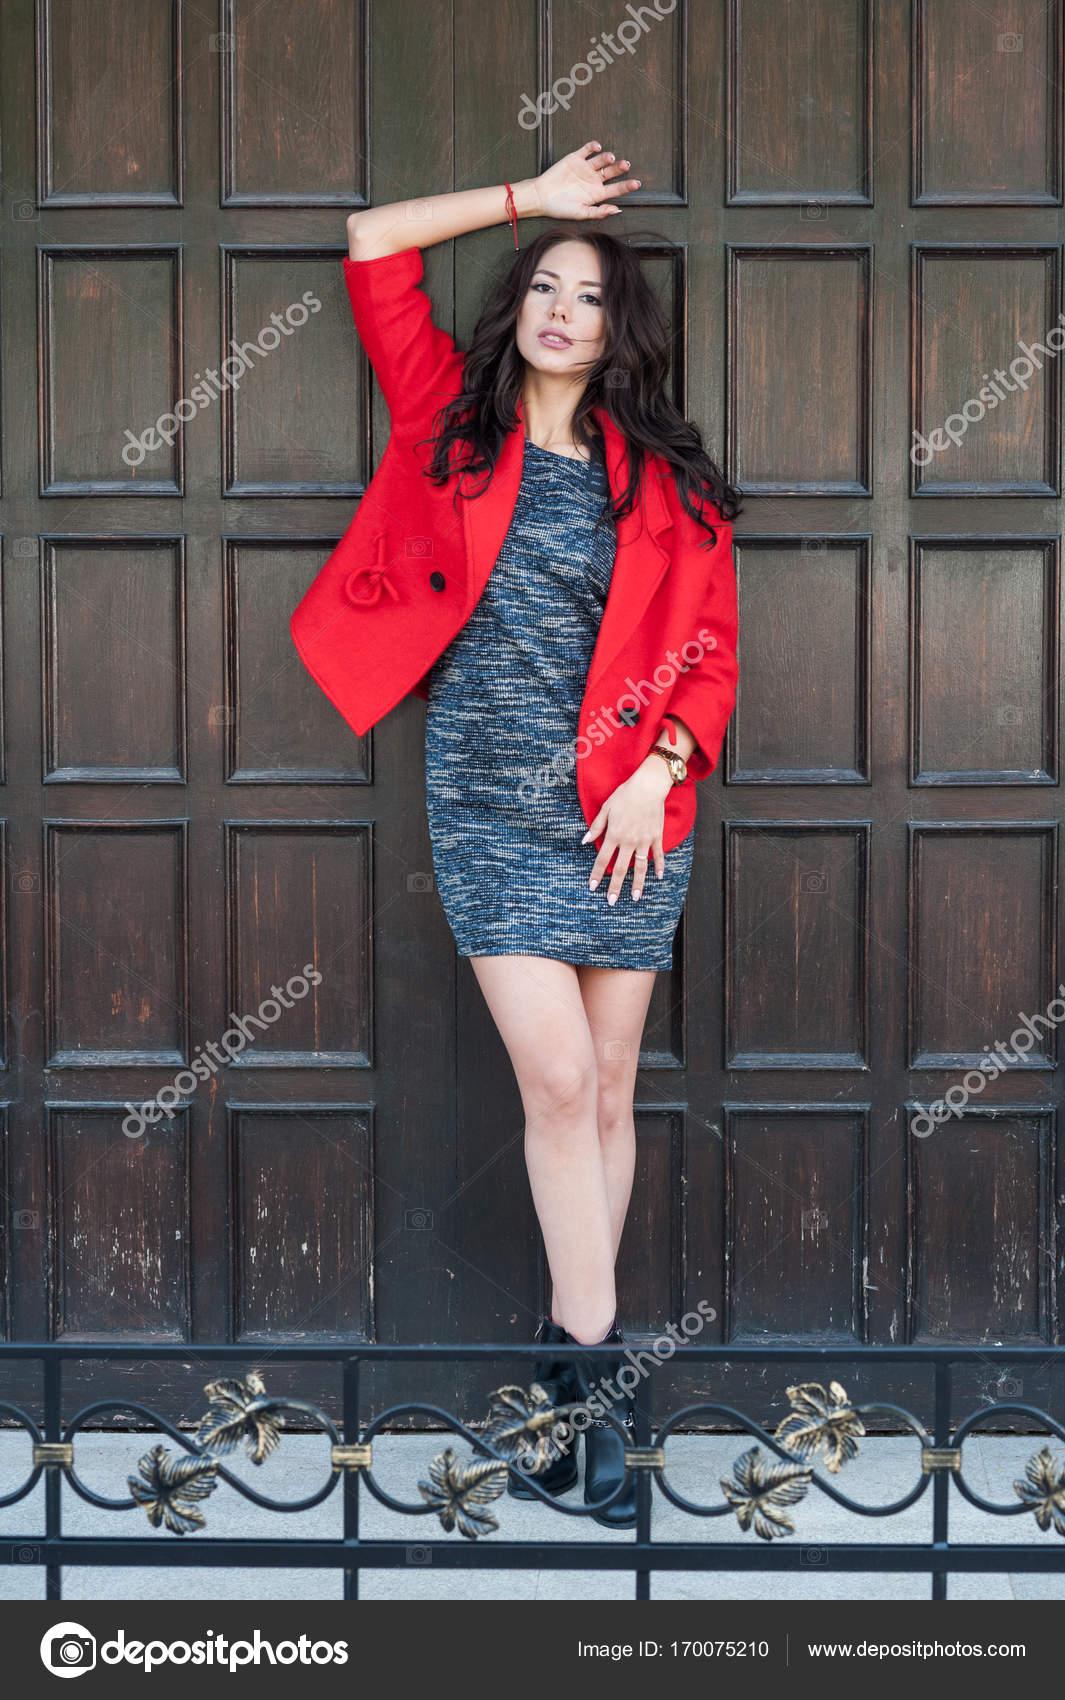 fba617cb6d6166 Junge schöne stilvolle Frau gekleidet in einen roten Mantel